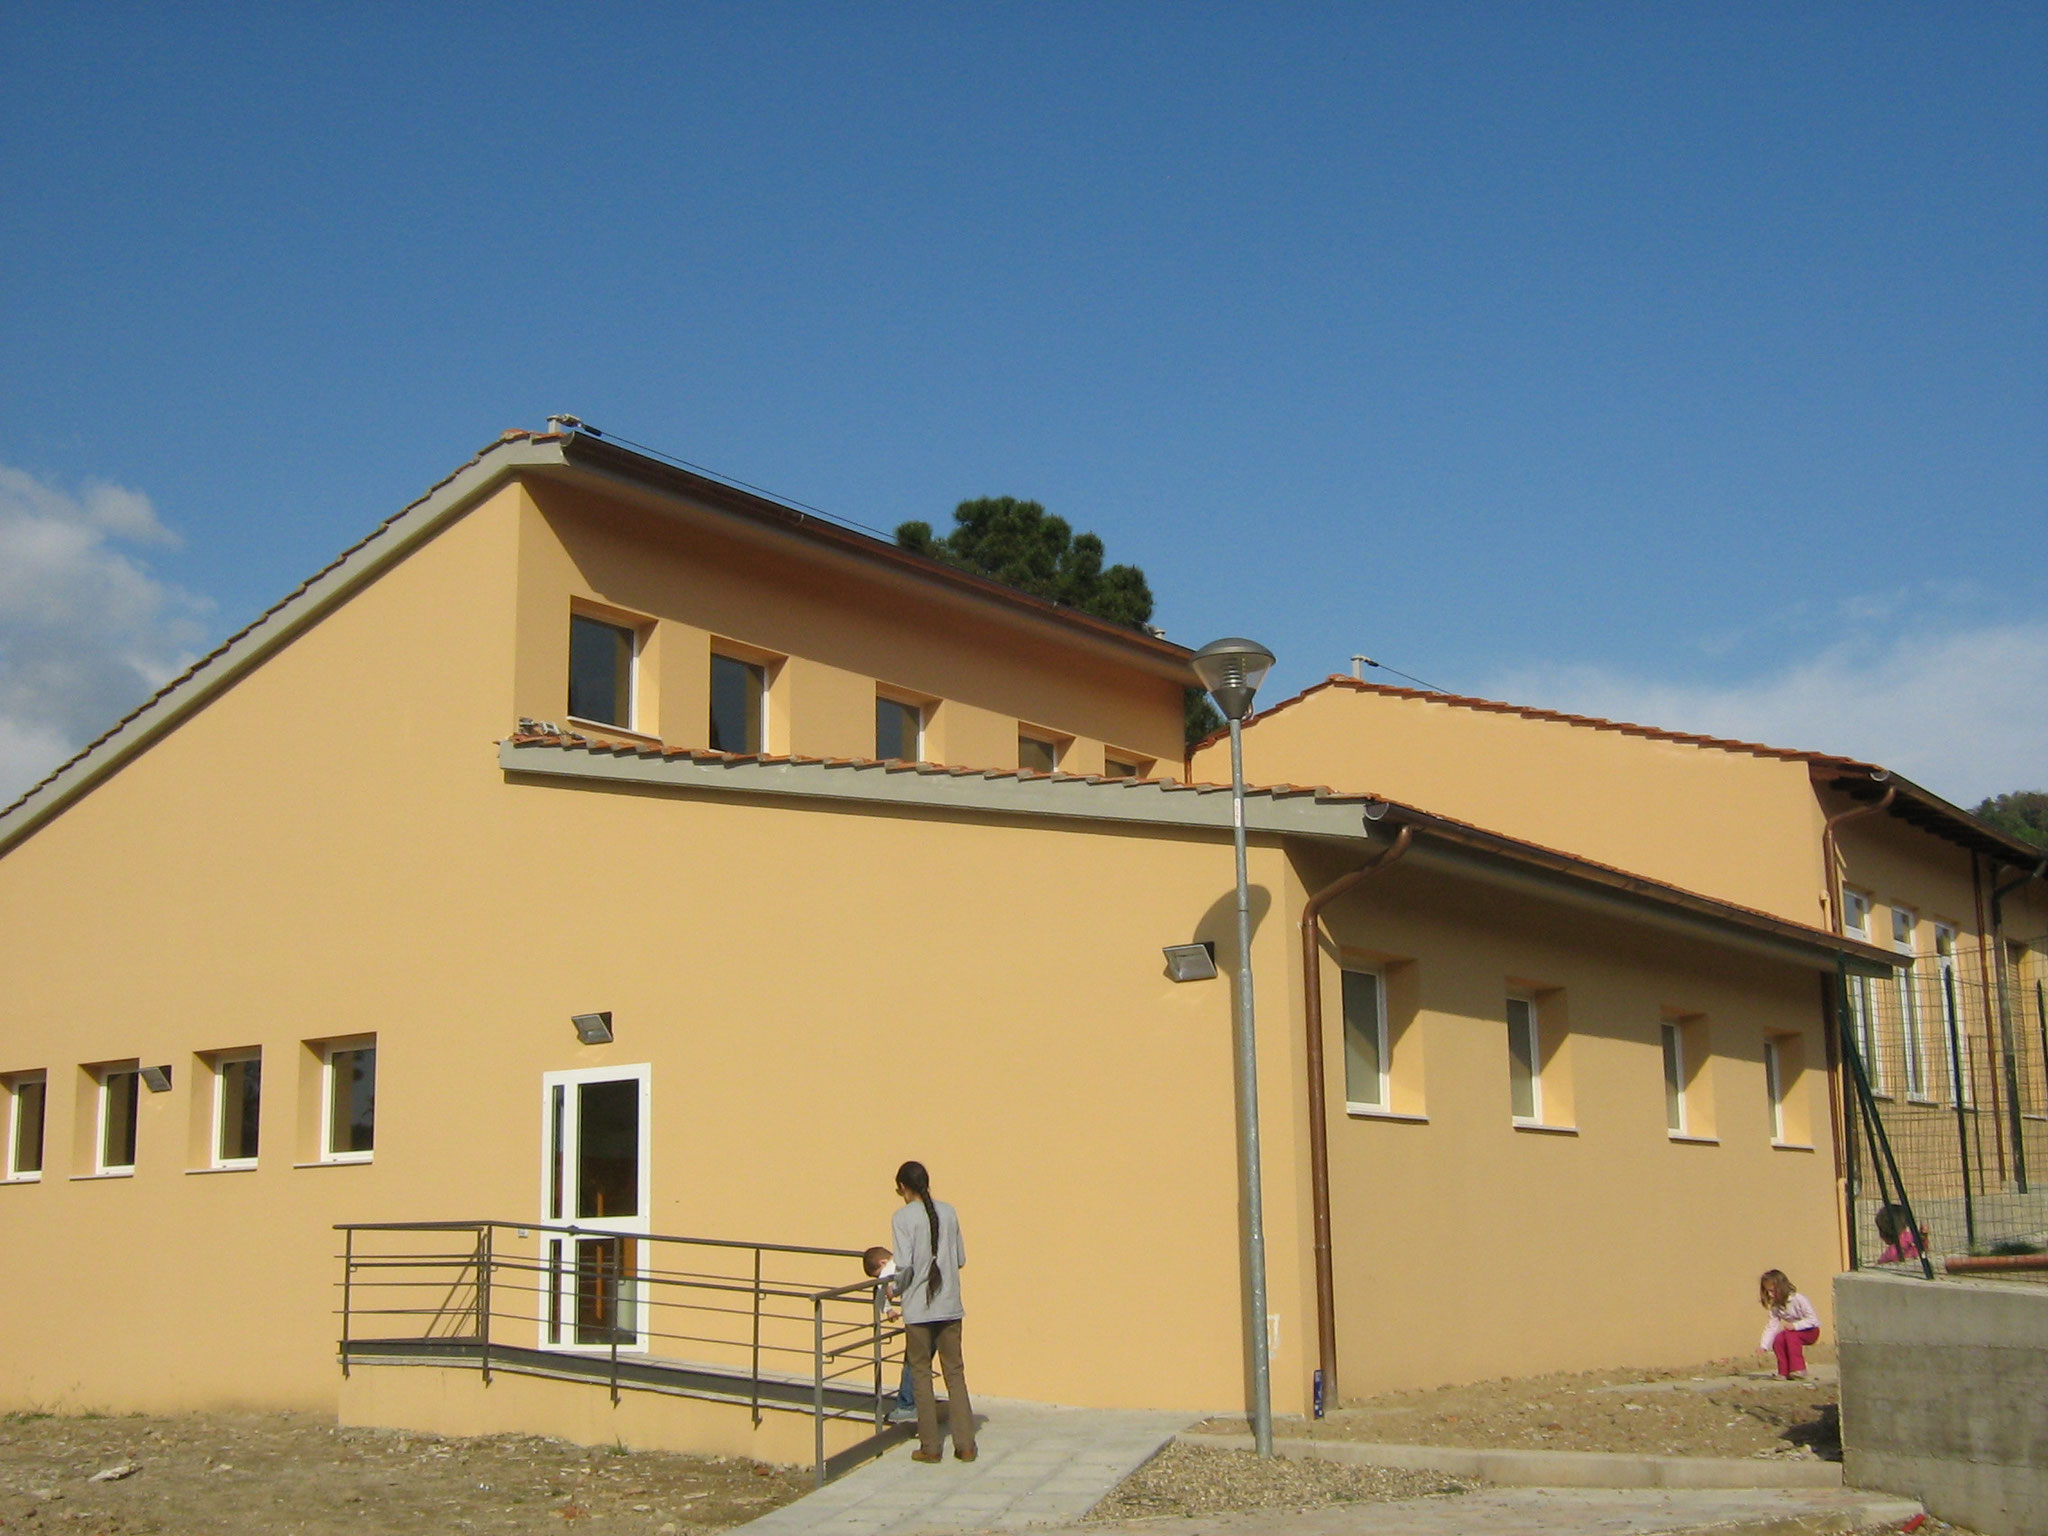 COMUNE DI GREVE IN CHIANTI - Realizzazione aula polivalente presso la scuola elementare di San Polo.